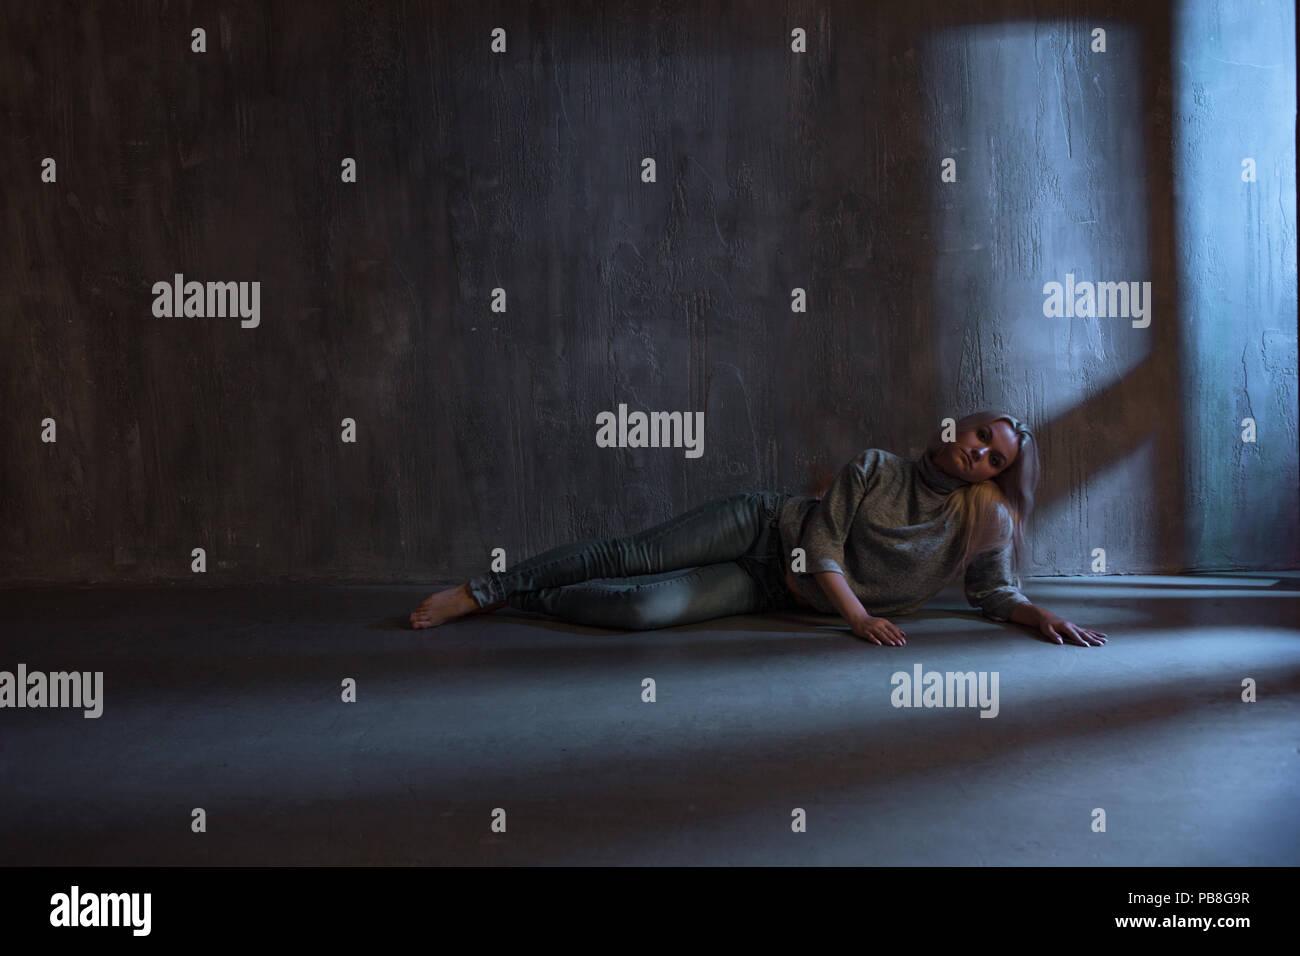 El trastorno de estrés postraumático. Mujer joven tumbado en el suelo, el concepto de problema psicológico Imagen De Stock